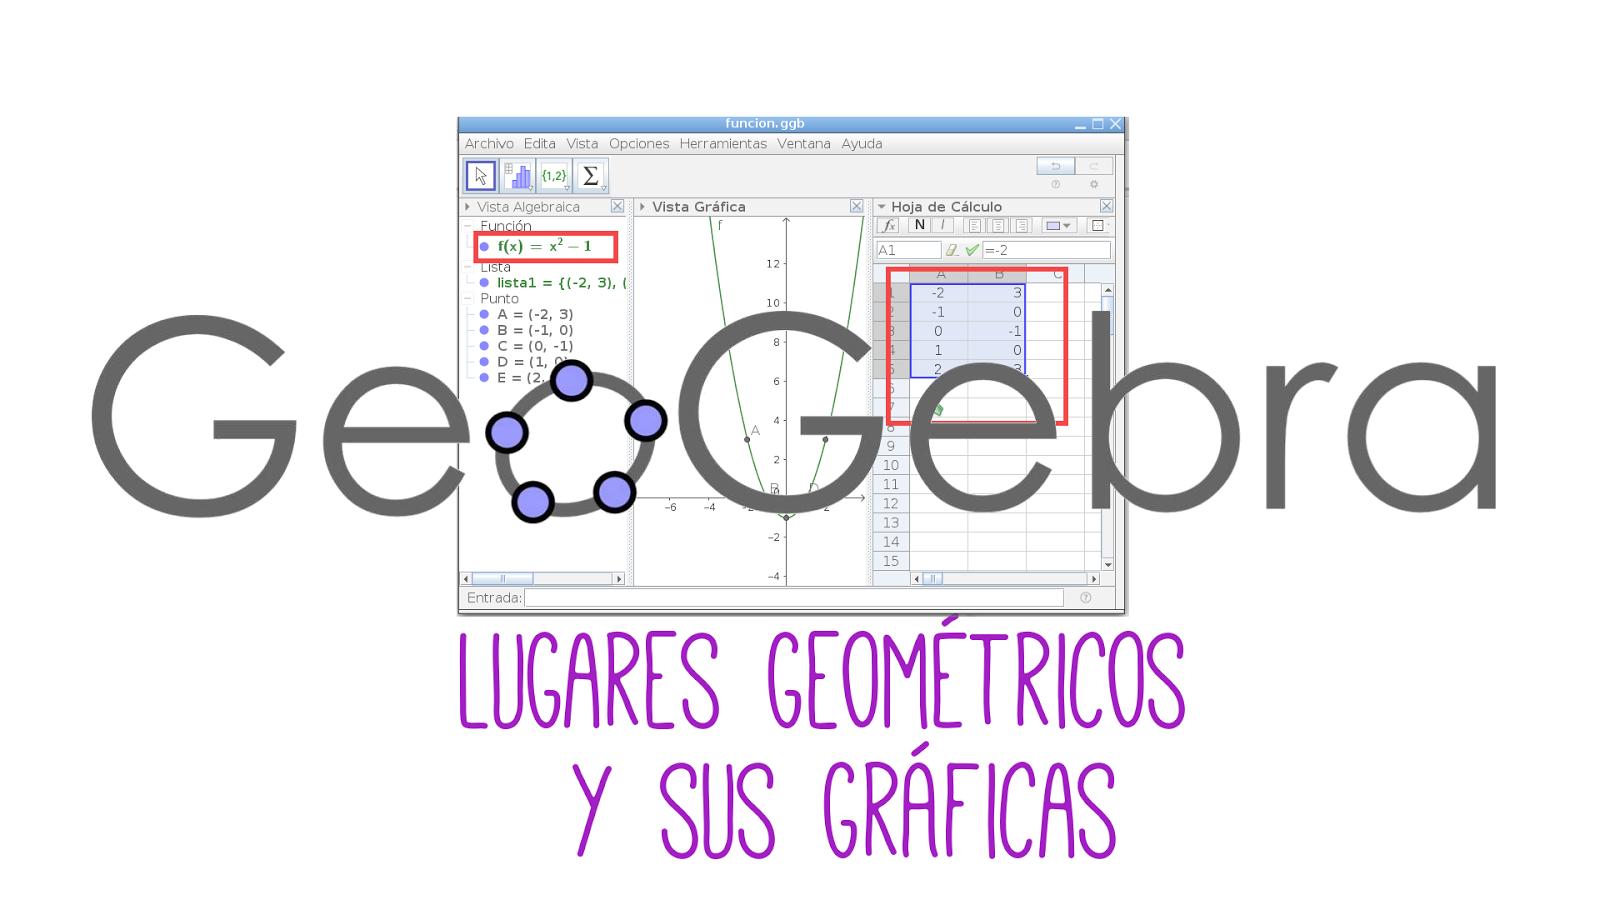 Lugares geométricos y sus gráficas - Geometría Analítica con GeoGebra